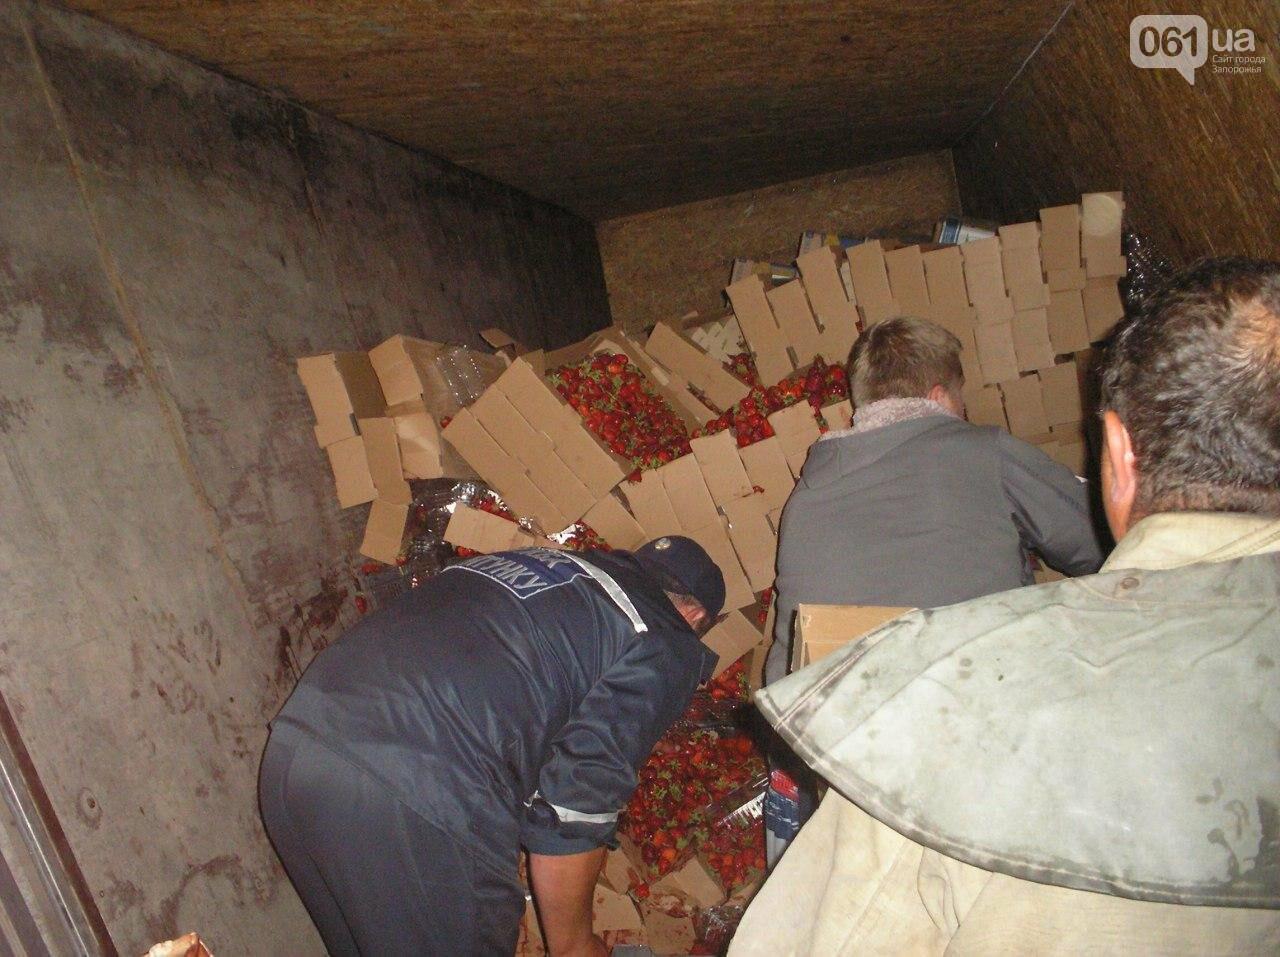 В Запорожской области перевернулся грузовик, в котором было 5 тонн клубники, - ФОТО, фото-1